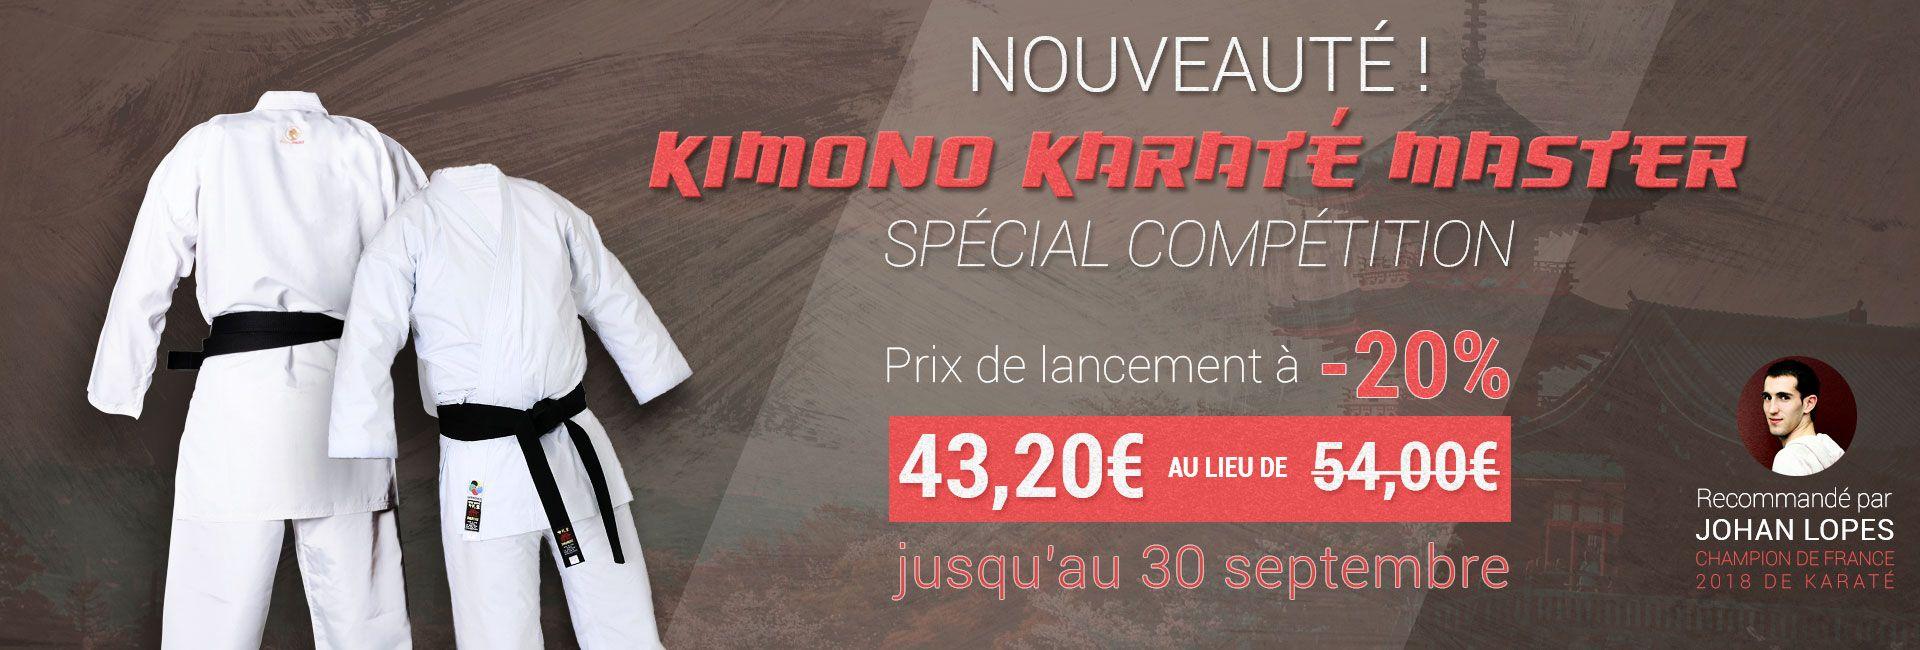 Nouveauté : Kimono Master Karaté en promotion